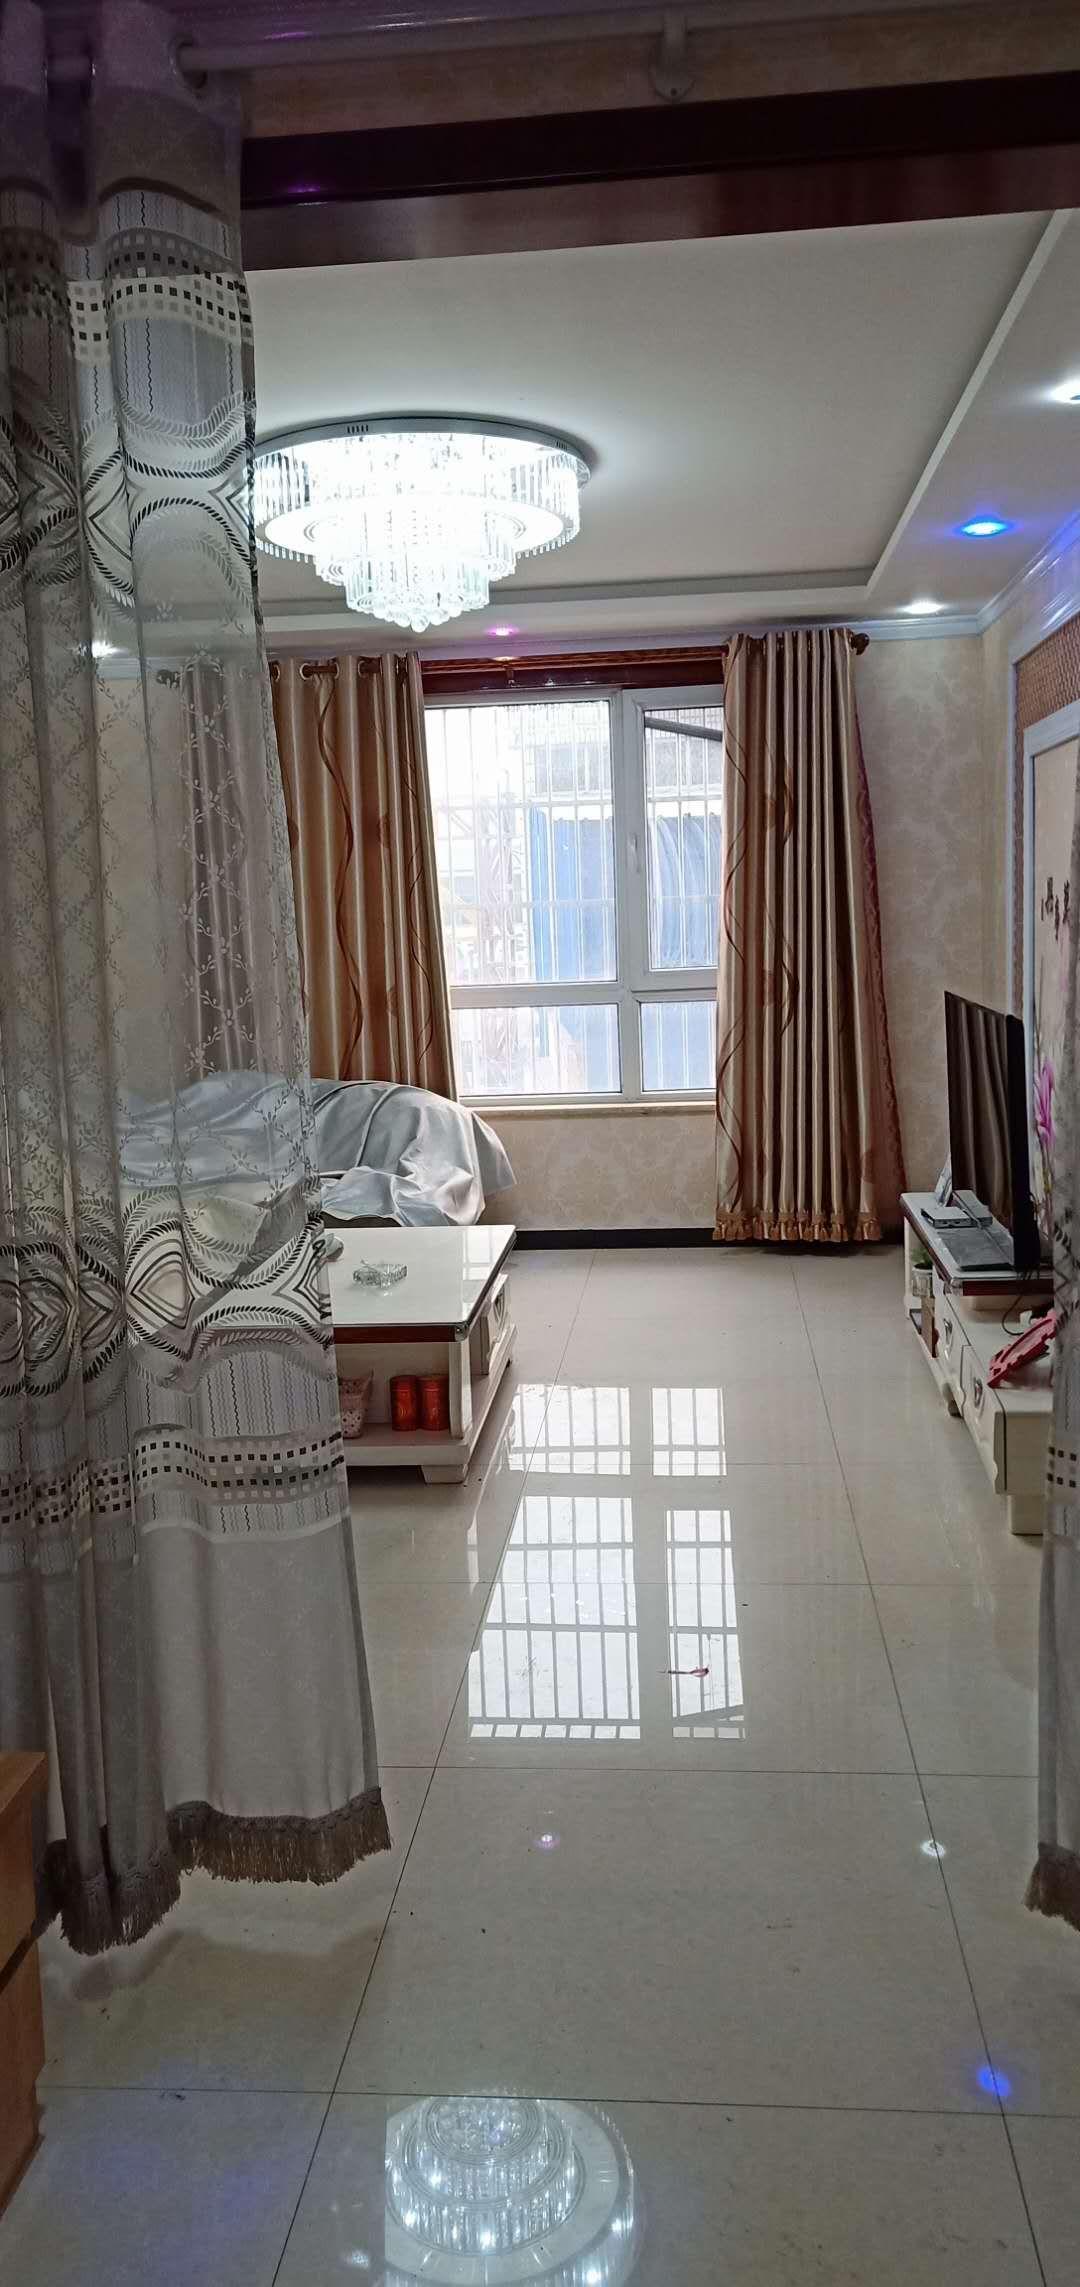 怡园2室 2厅 精装修婚房,先到先得,即买即住首付